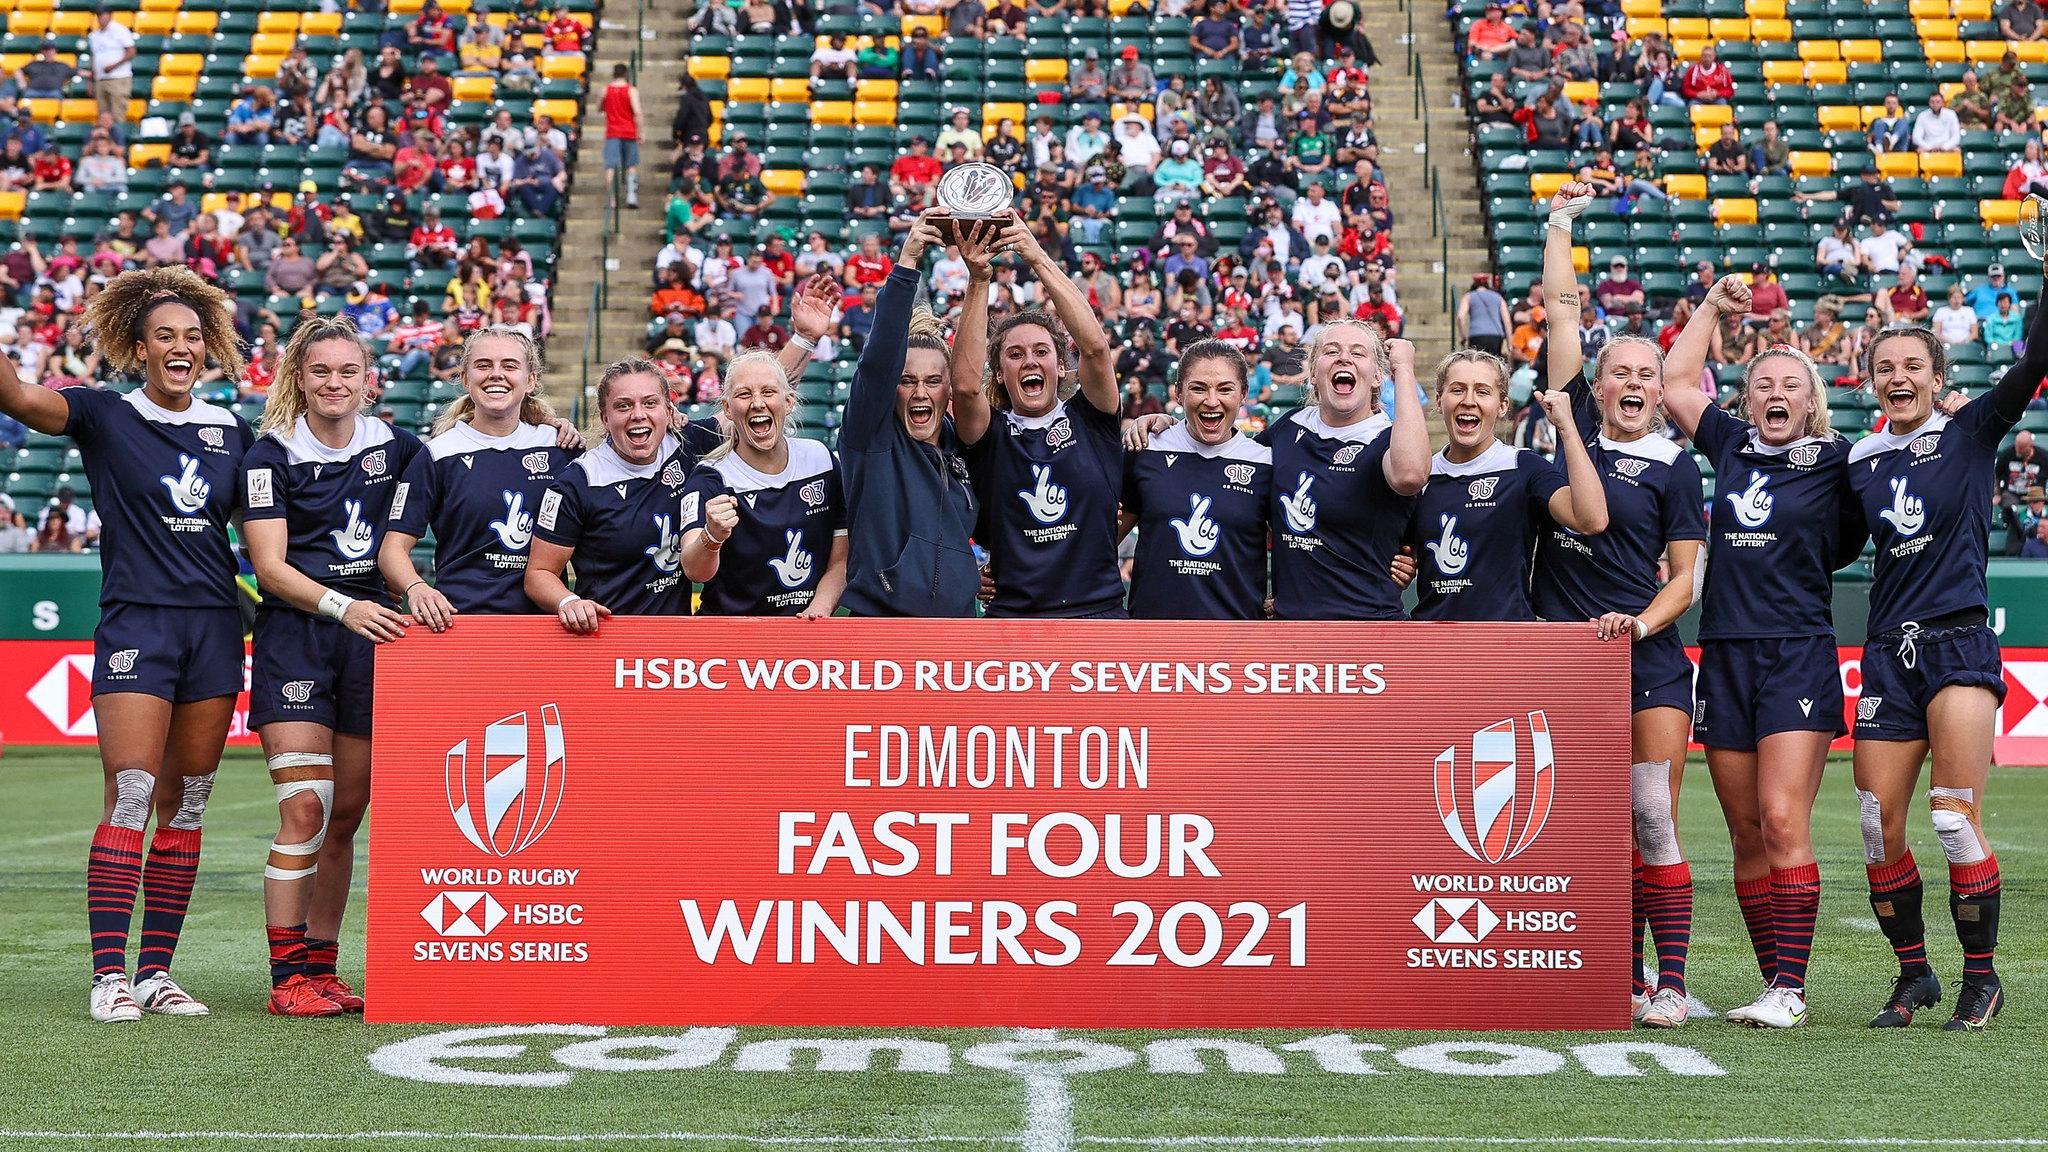 英国7人榄球队在埃德蒙顿庆祝胜利.